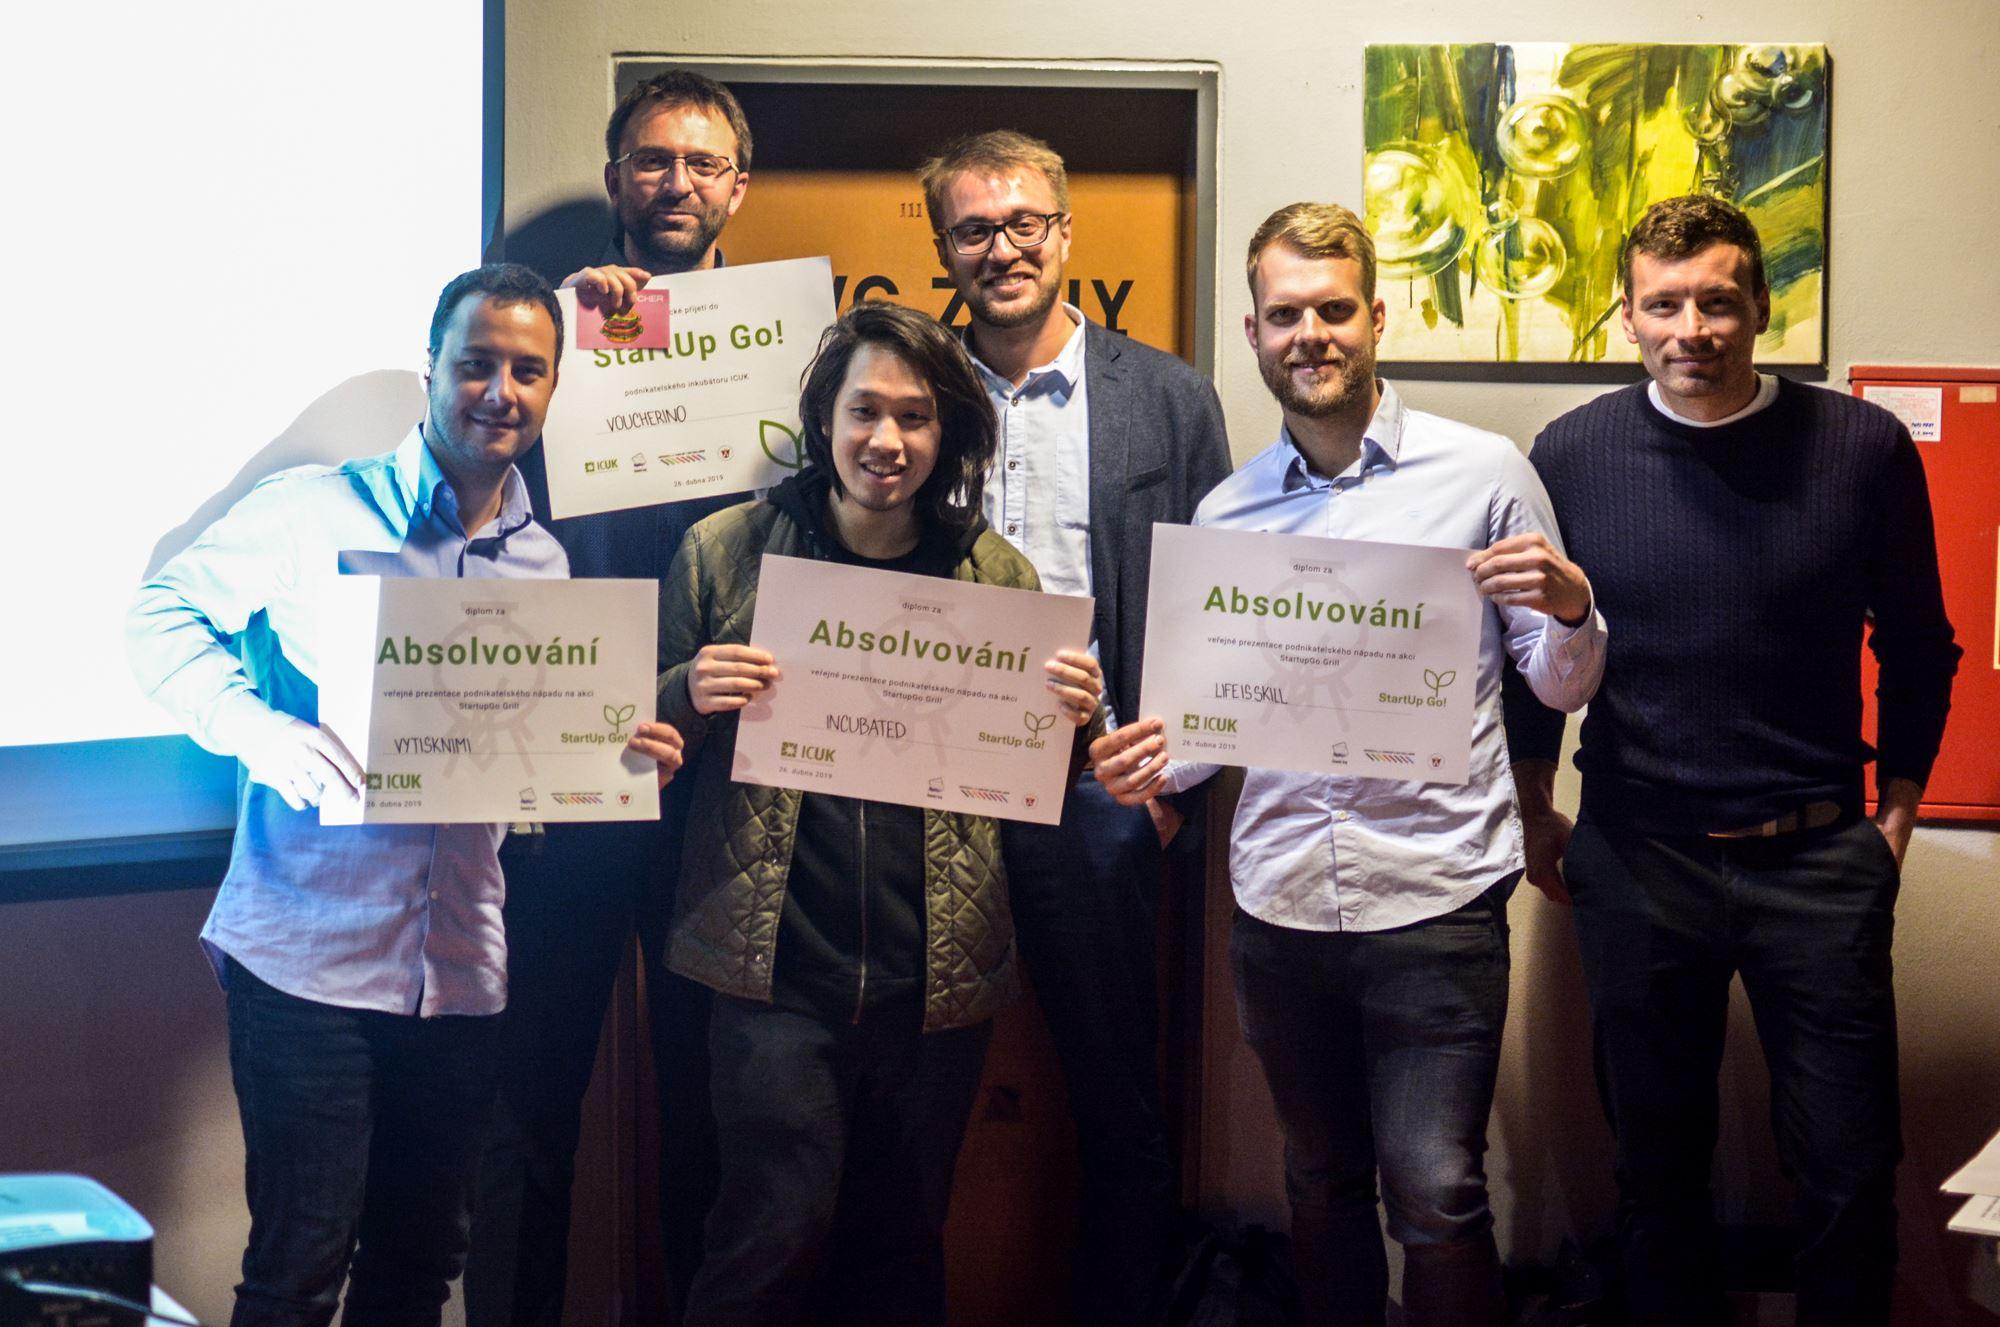 Povzbuzující výhra na Startup Go Grill